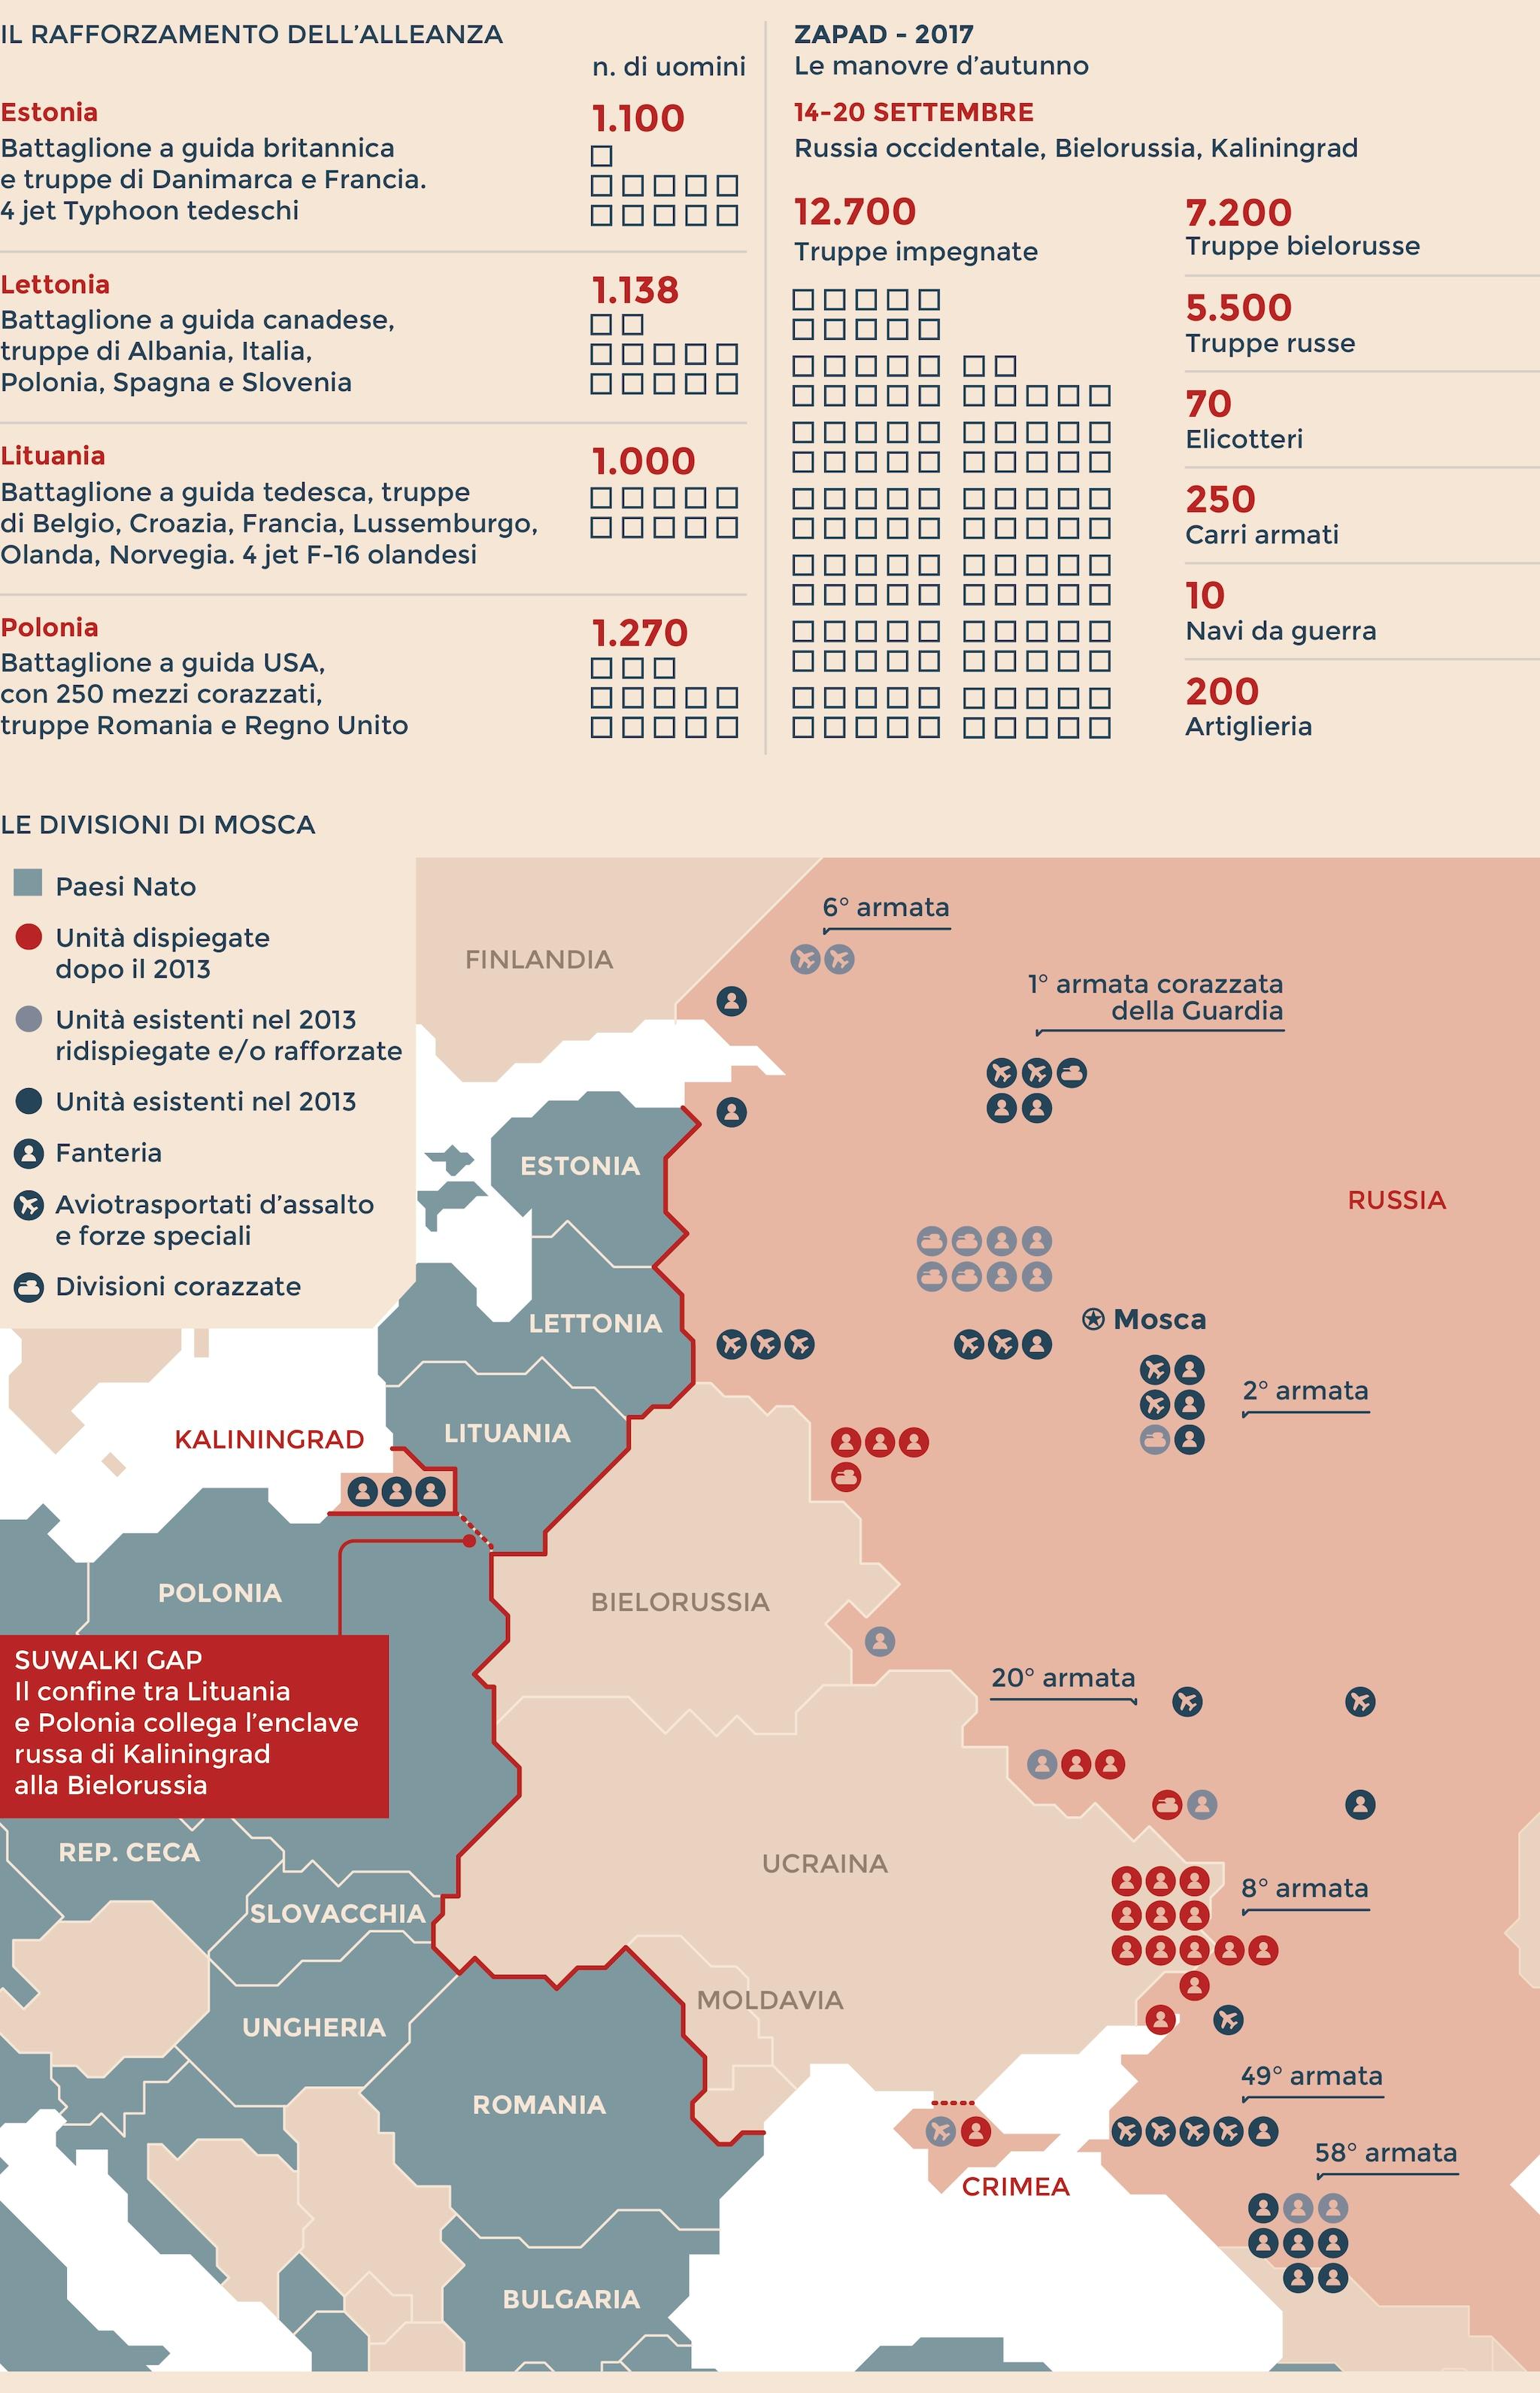 NATO-RUSSIA: LE FORZE IN CAMPO